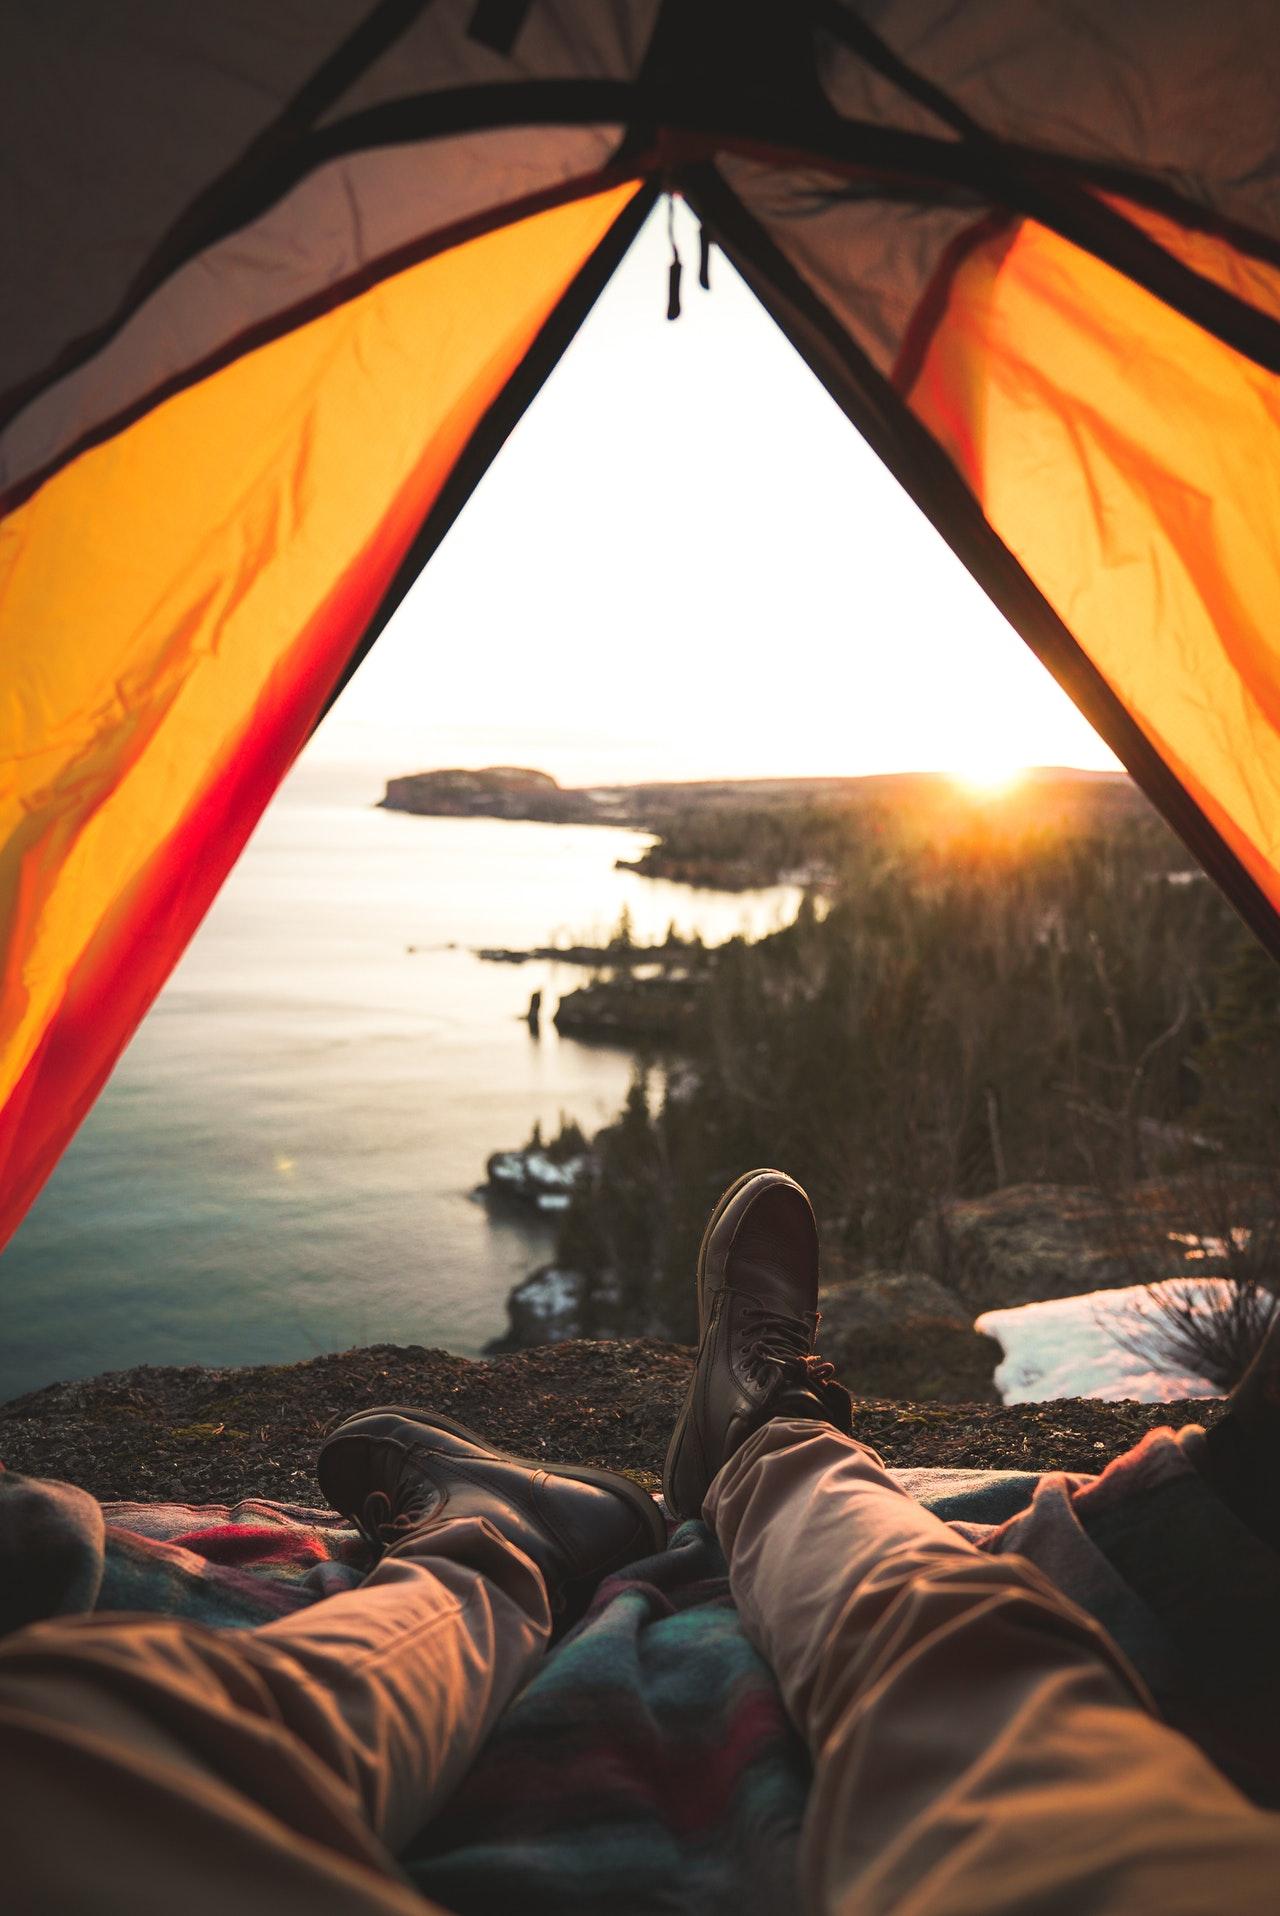 Ferie i Danmark? Prøv camping!